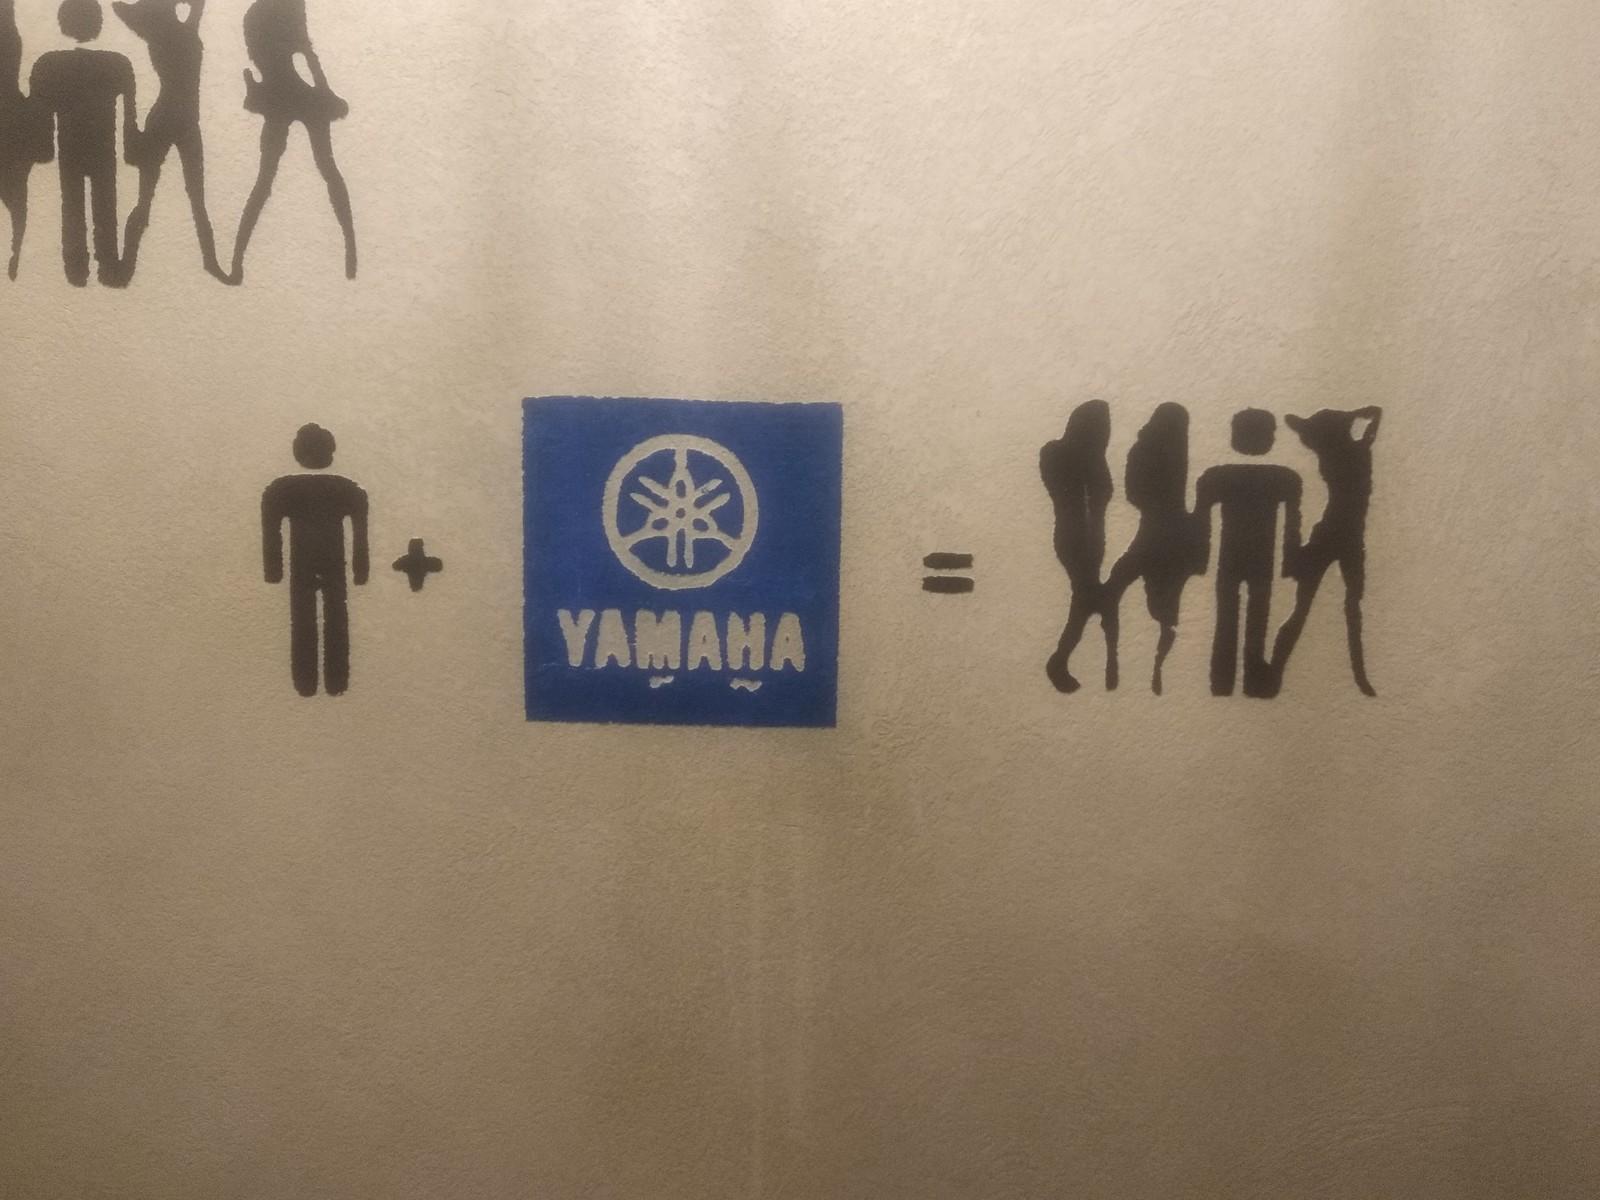 В туалете одного бара)